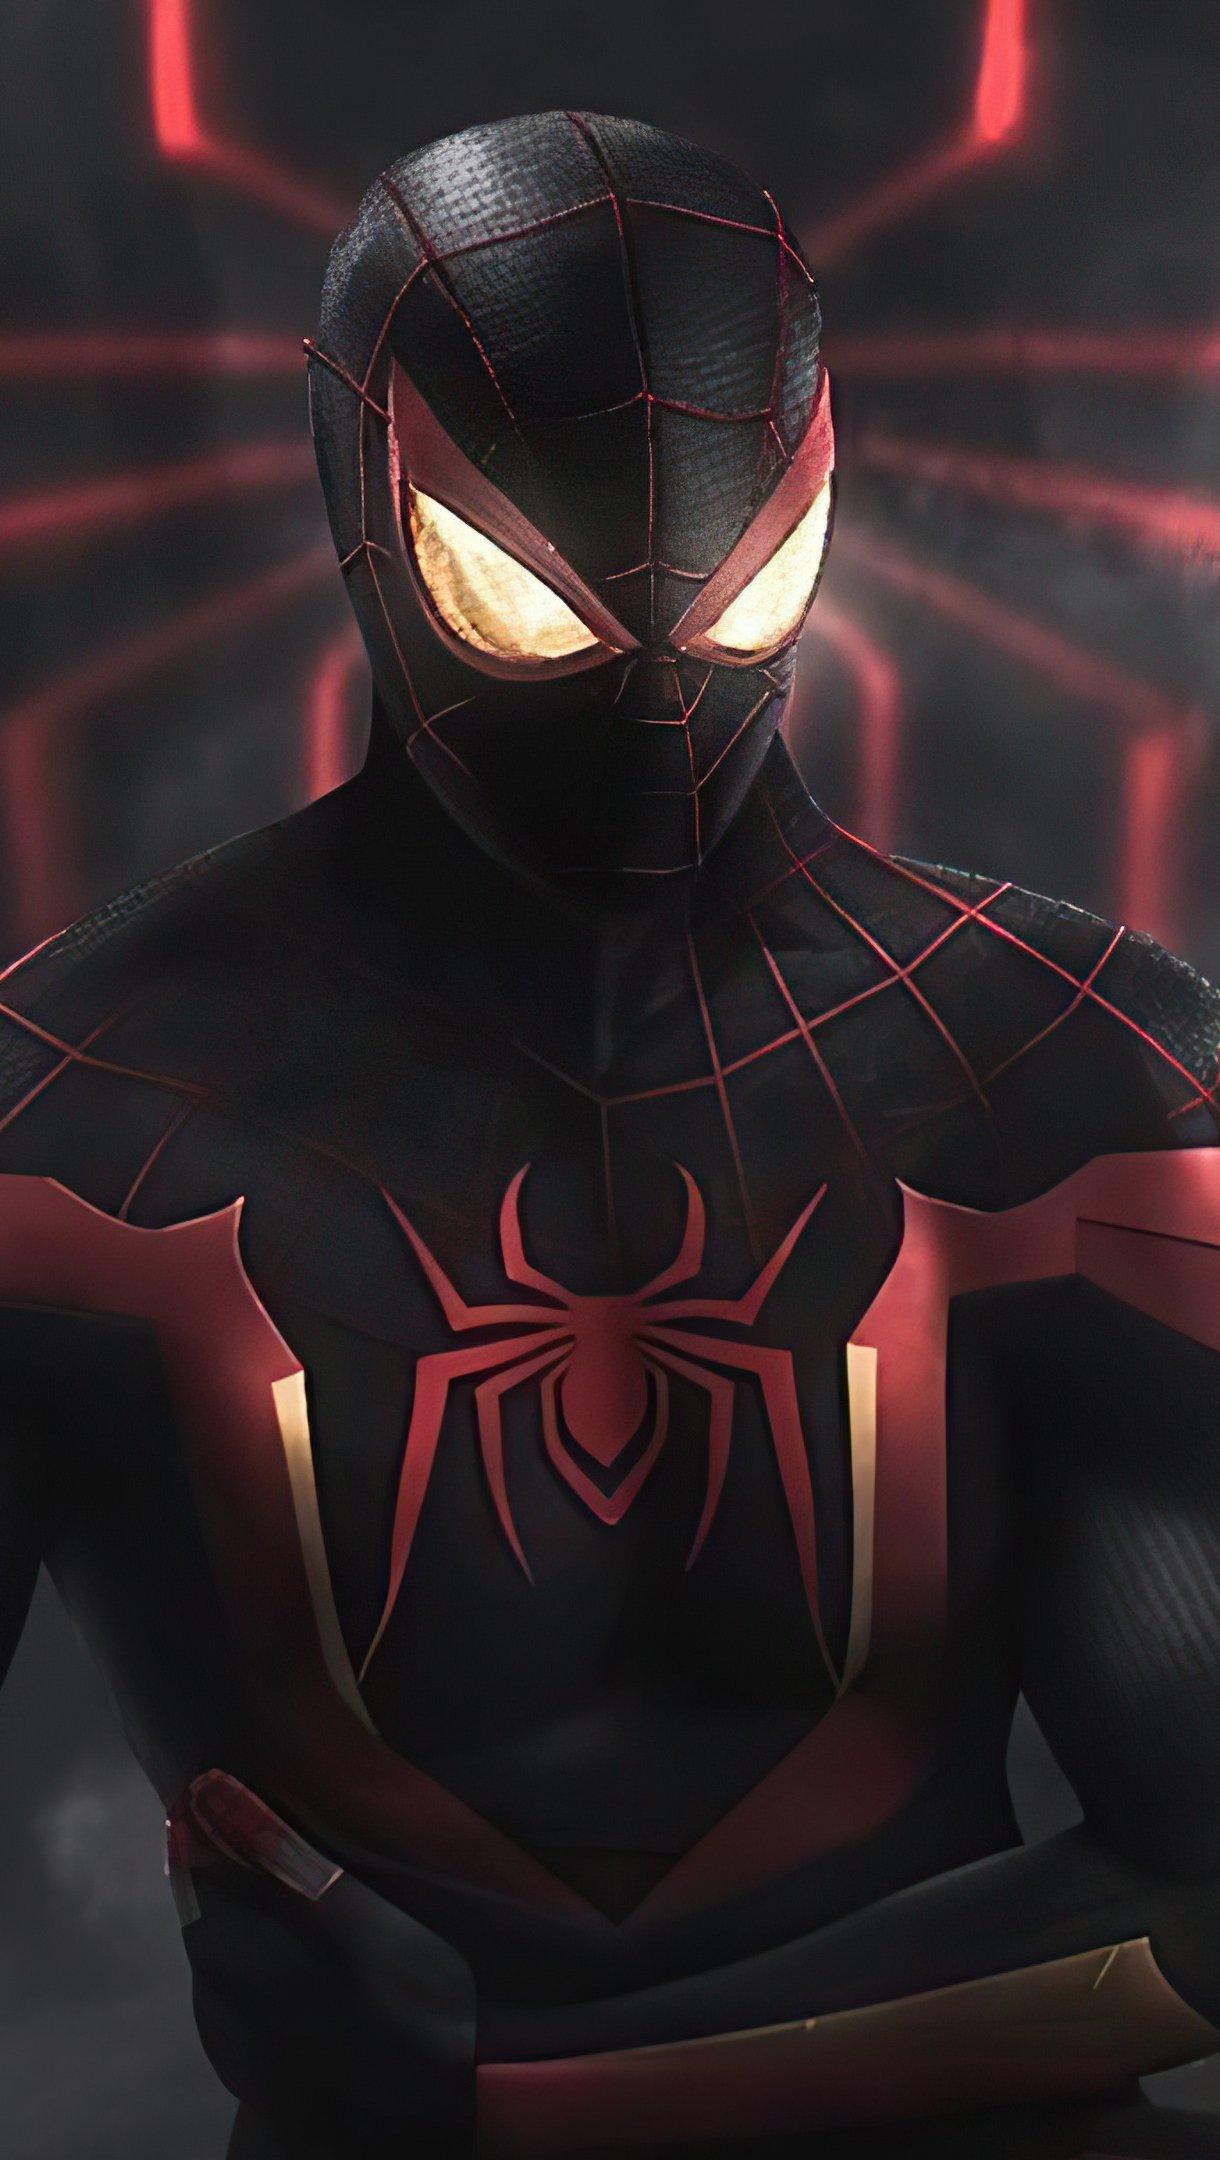 Fondos de pantalla El hombre araña con traje rojo y negro Vertical